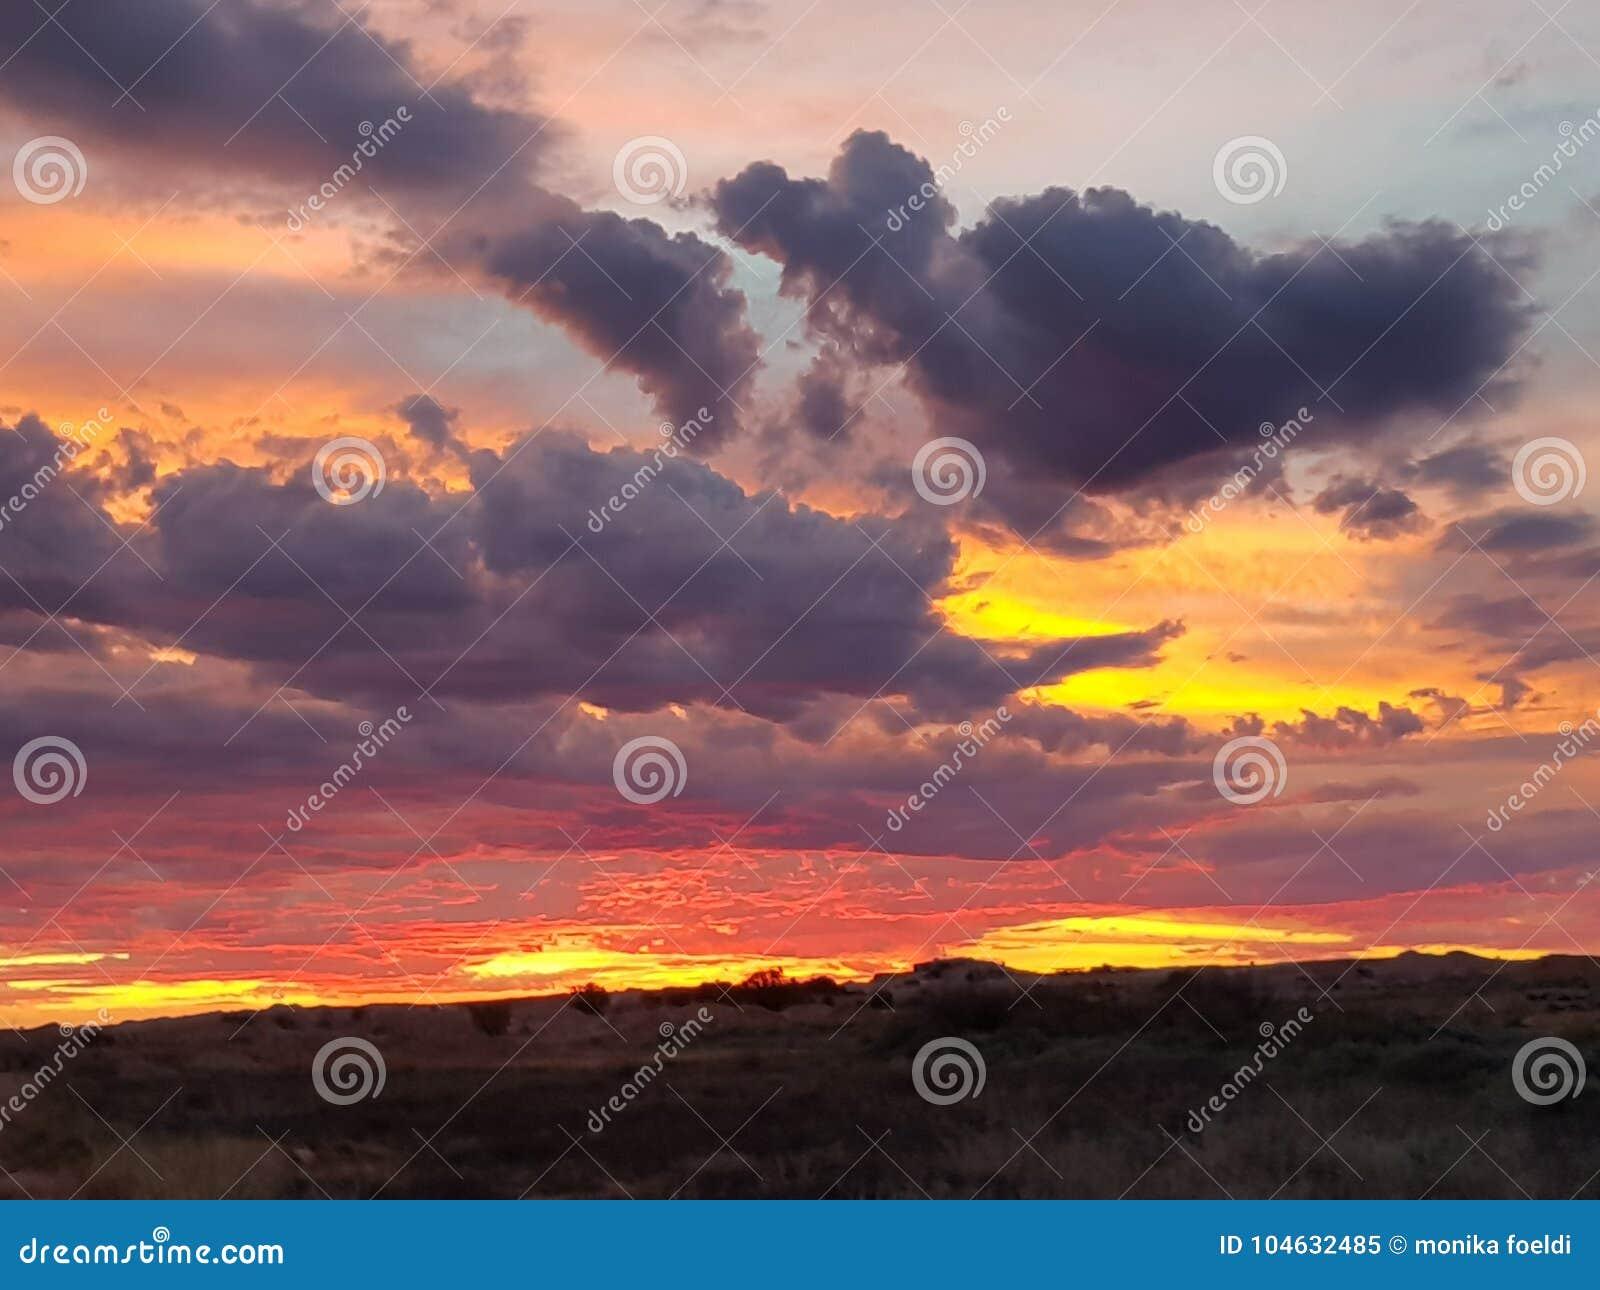 Download Coober Pedy Zon Geplaatst Zuid-Australië Stock Afbeelding - Afbeelding bestaande uit wolk, zuiden: 104632485